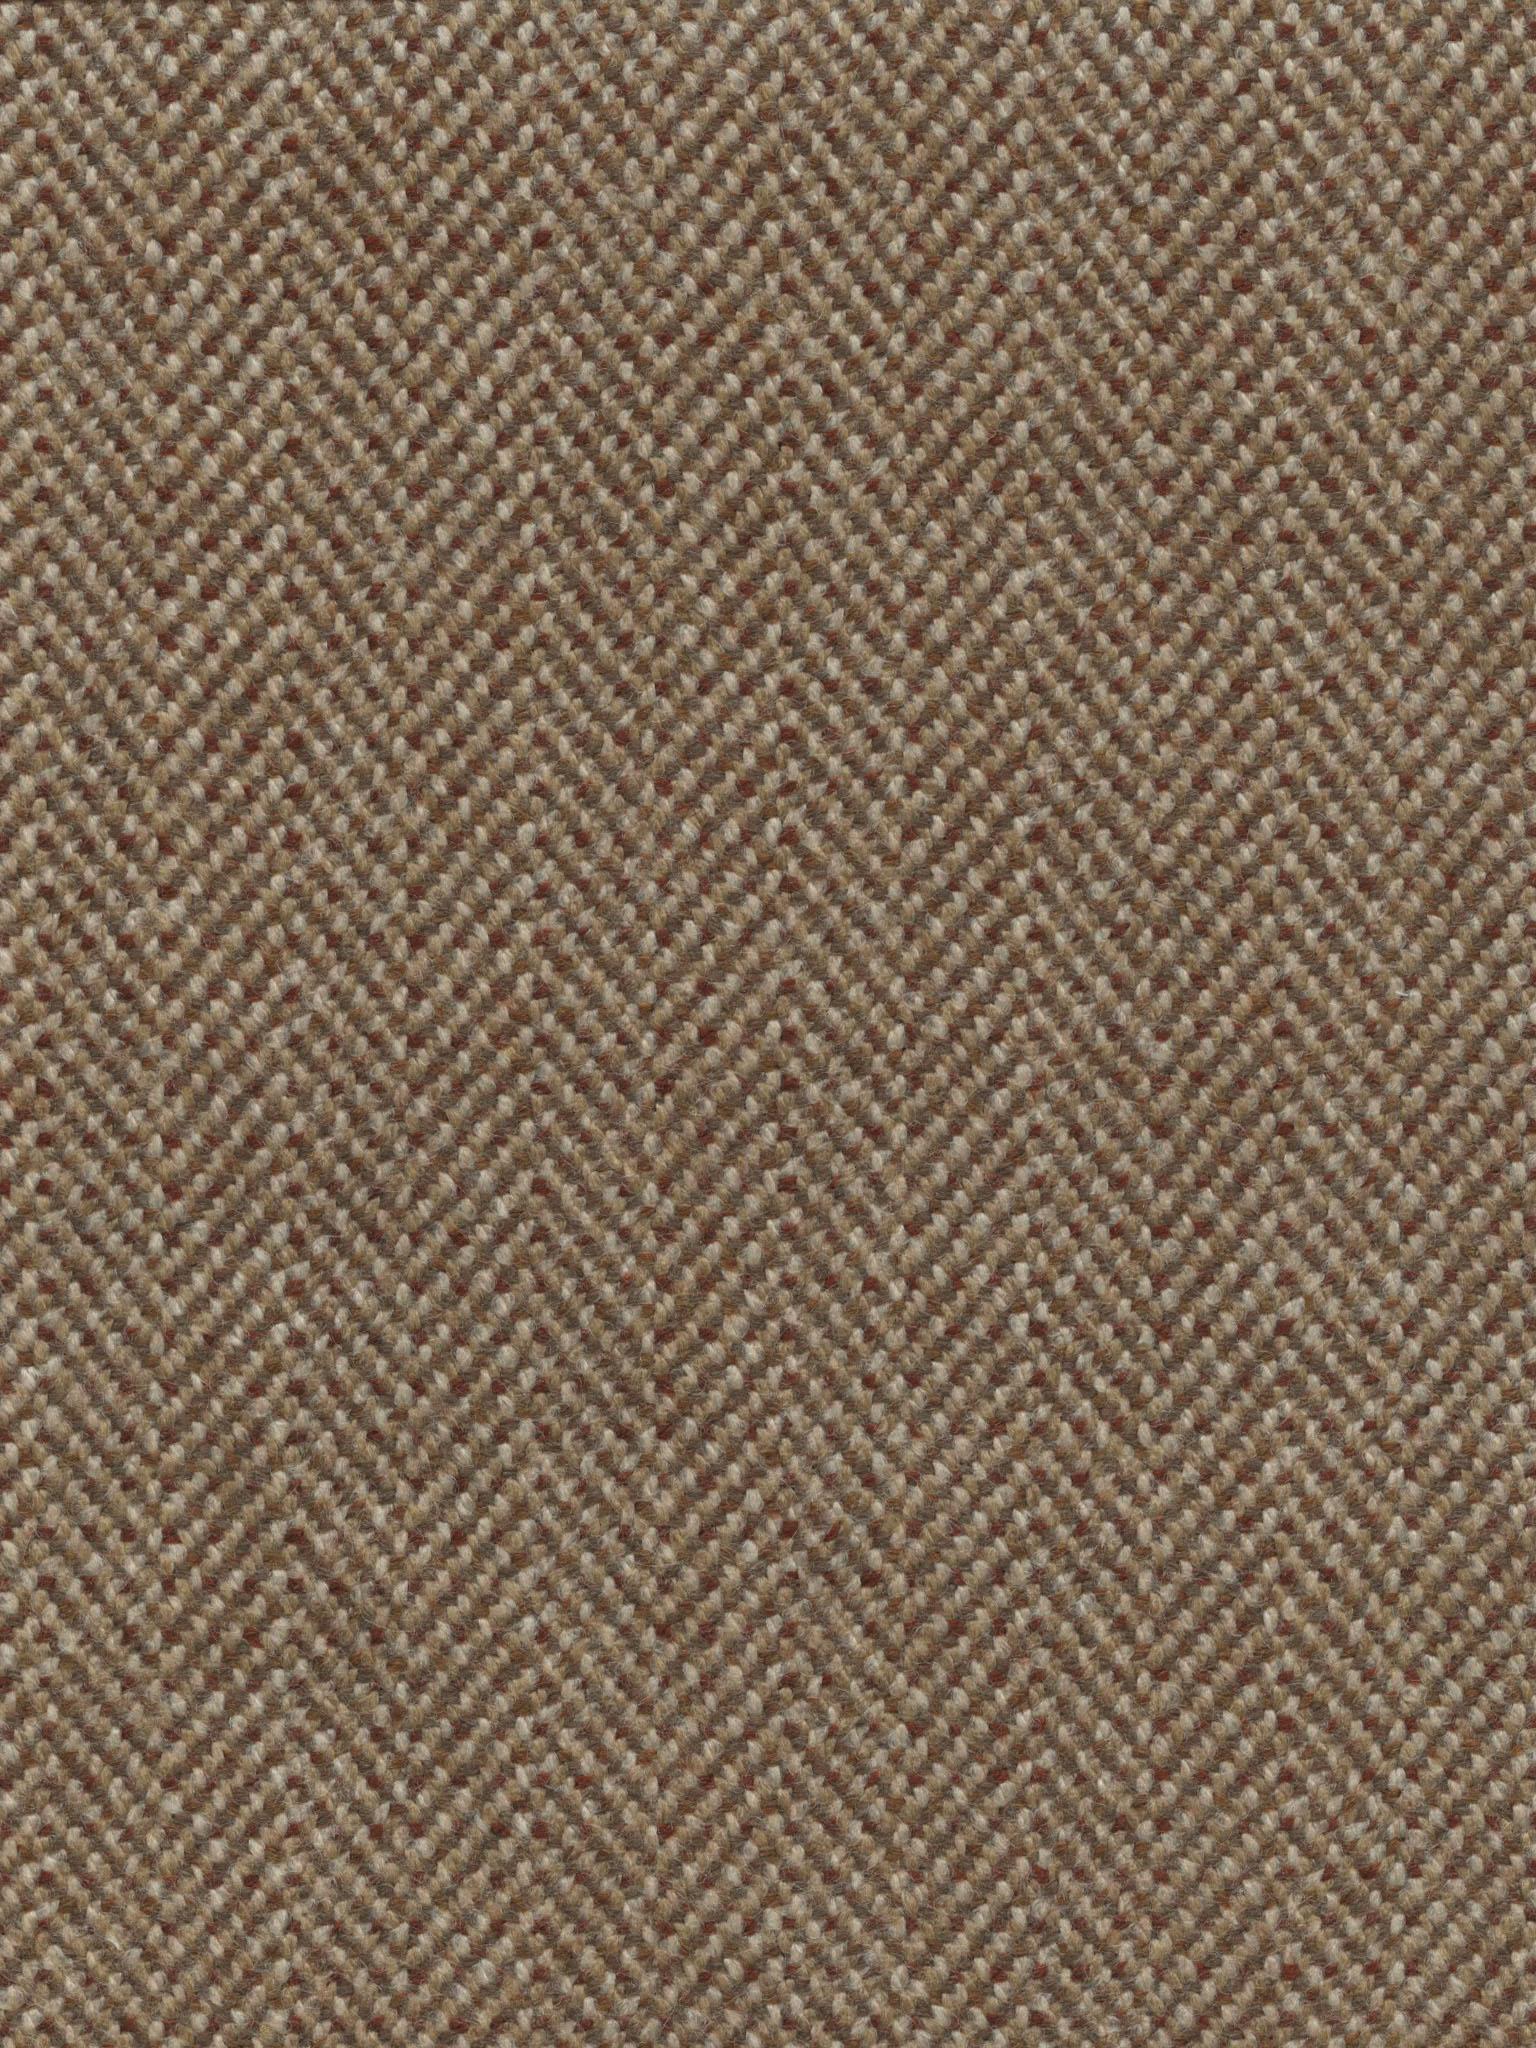 Savile Row Windsor Tweed DE12105